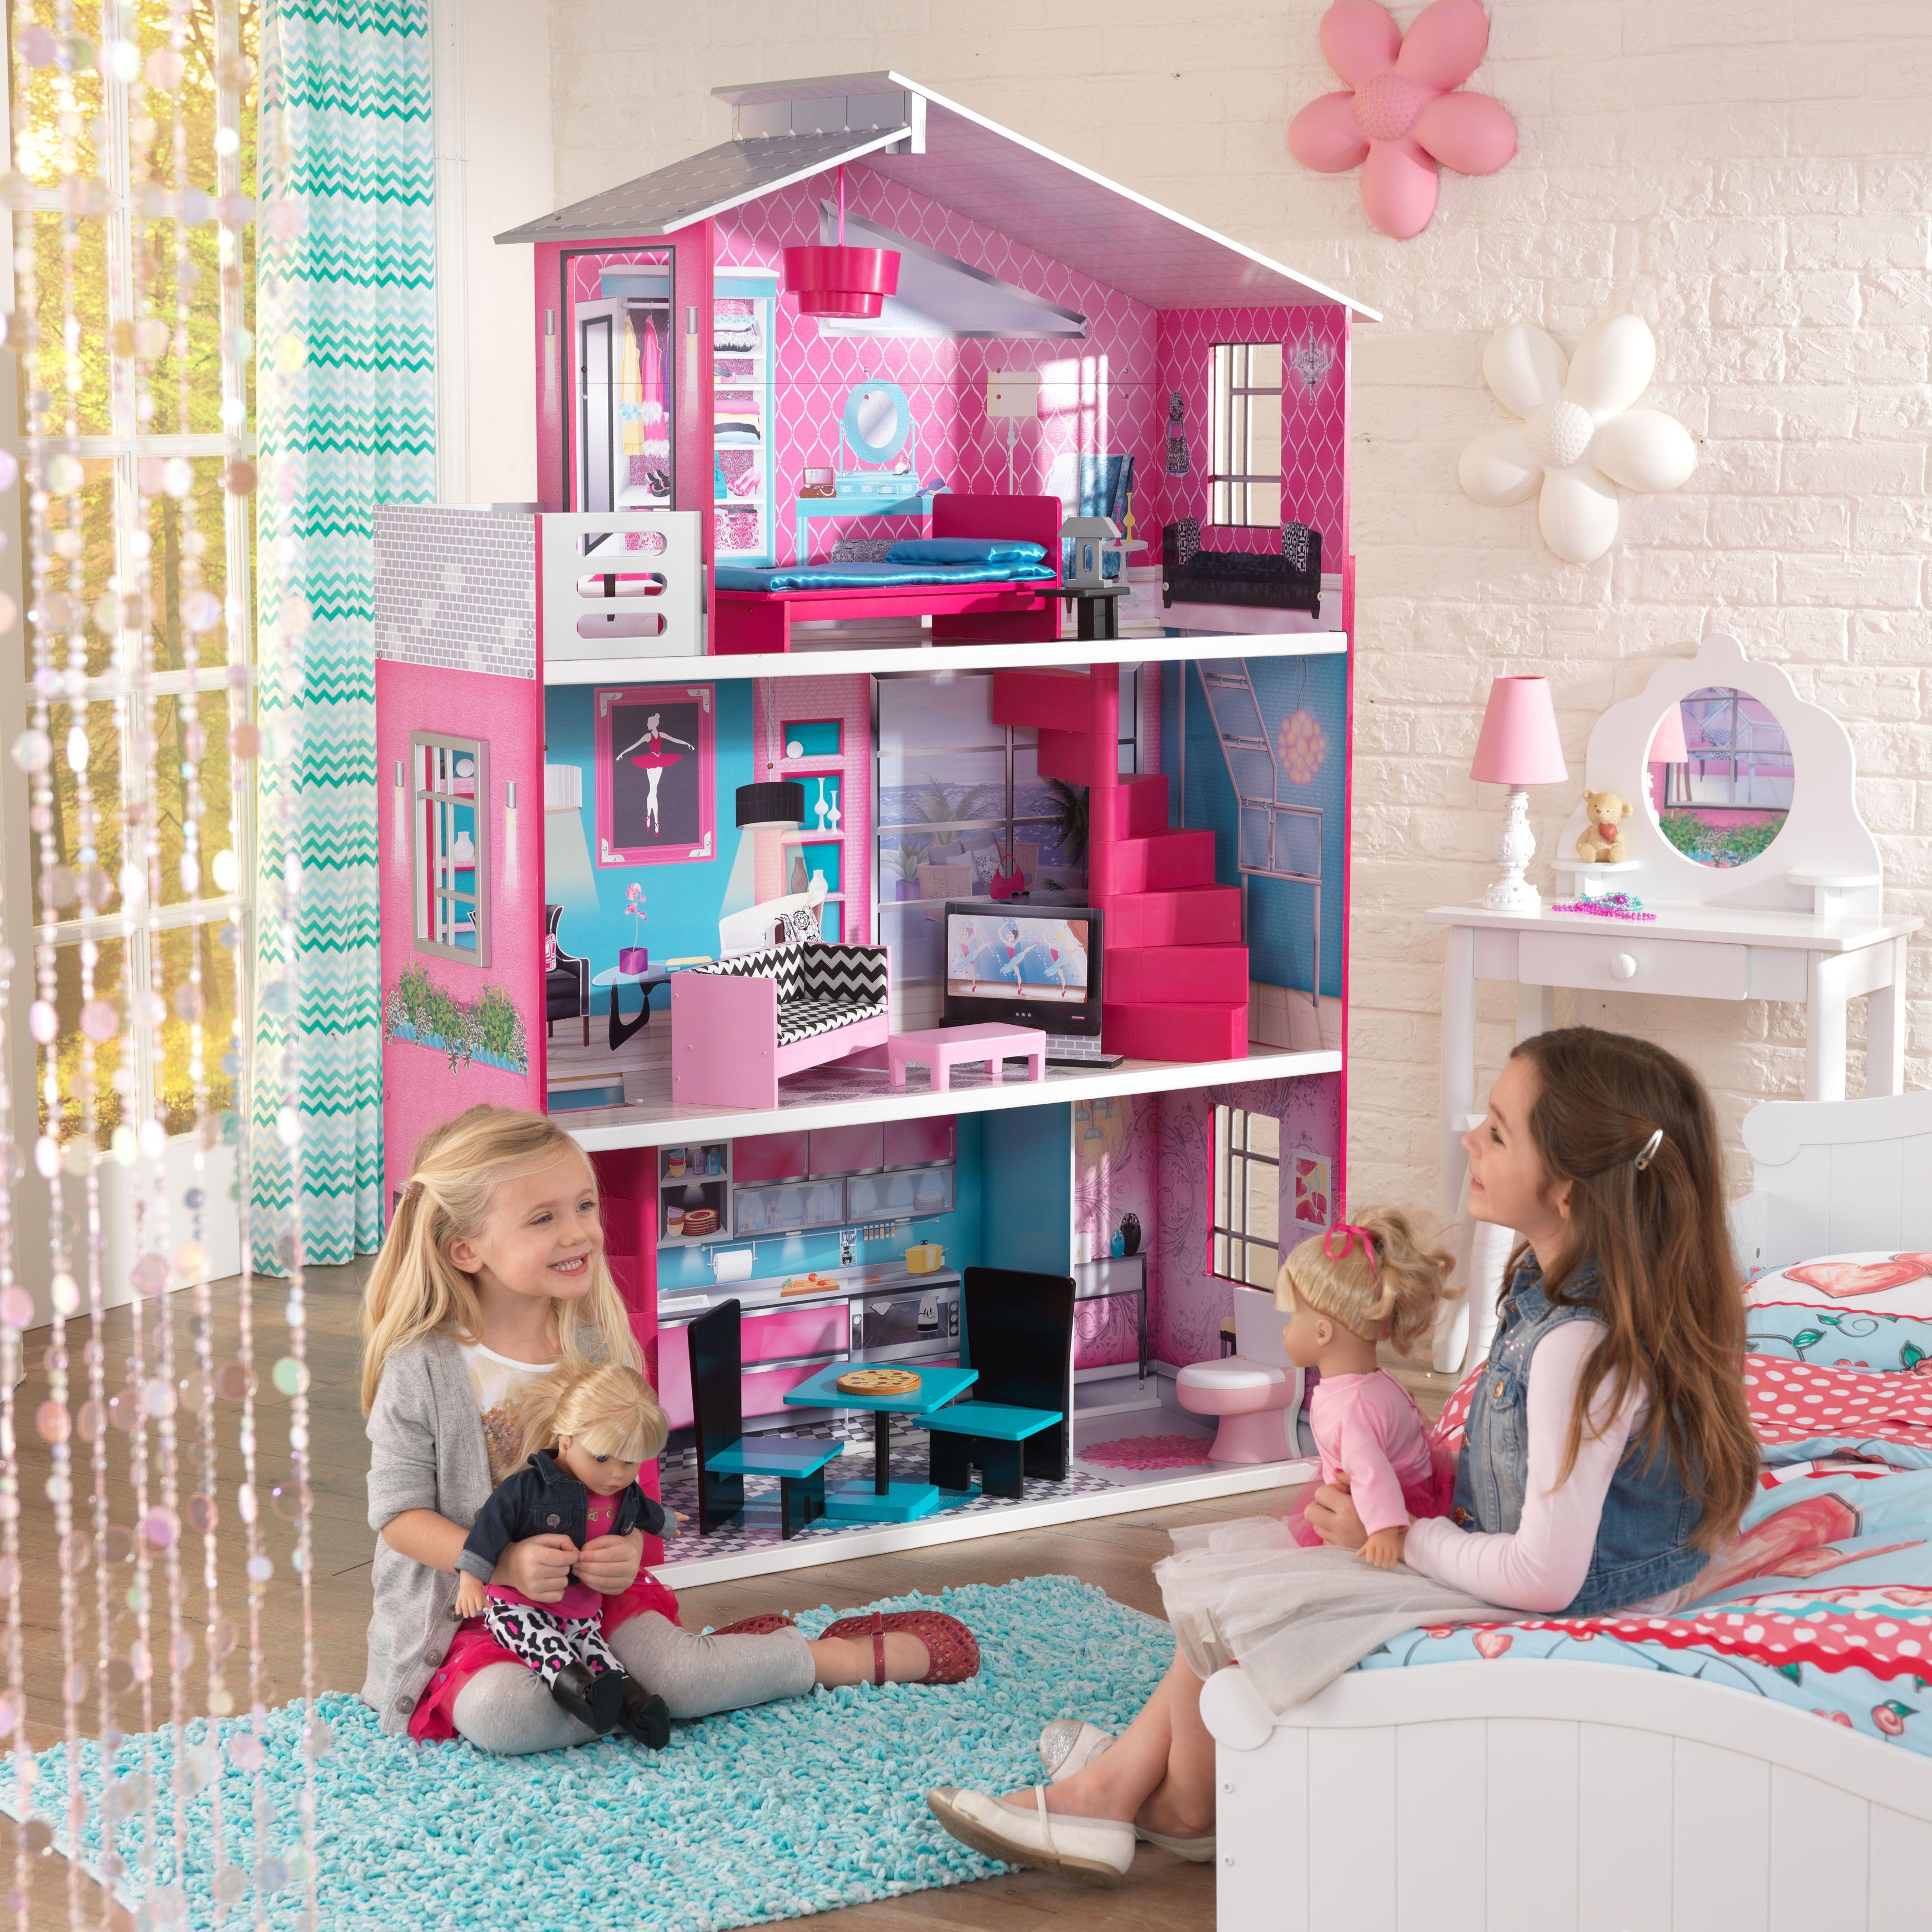 Breanna 18 Inch Dollhouse #kidkraft #dollhouse #playroom